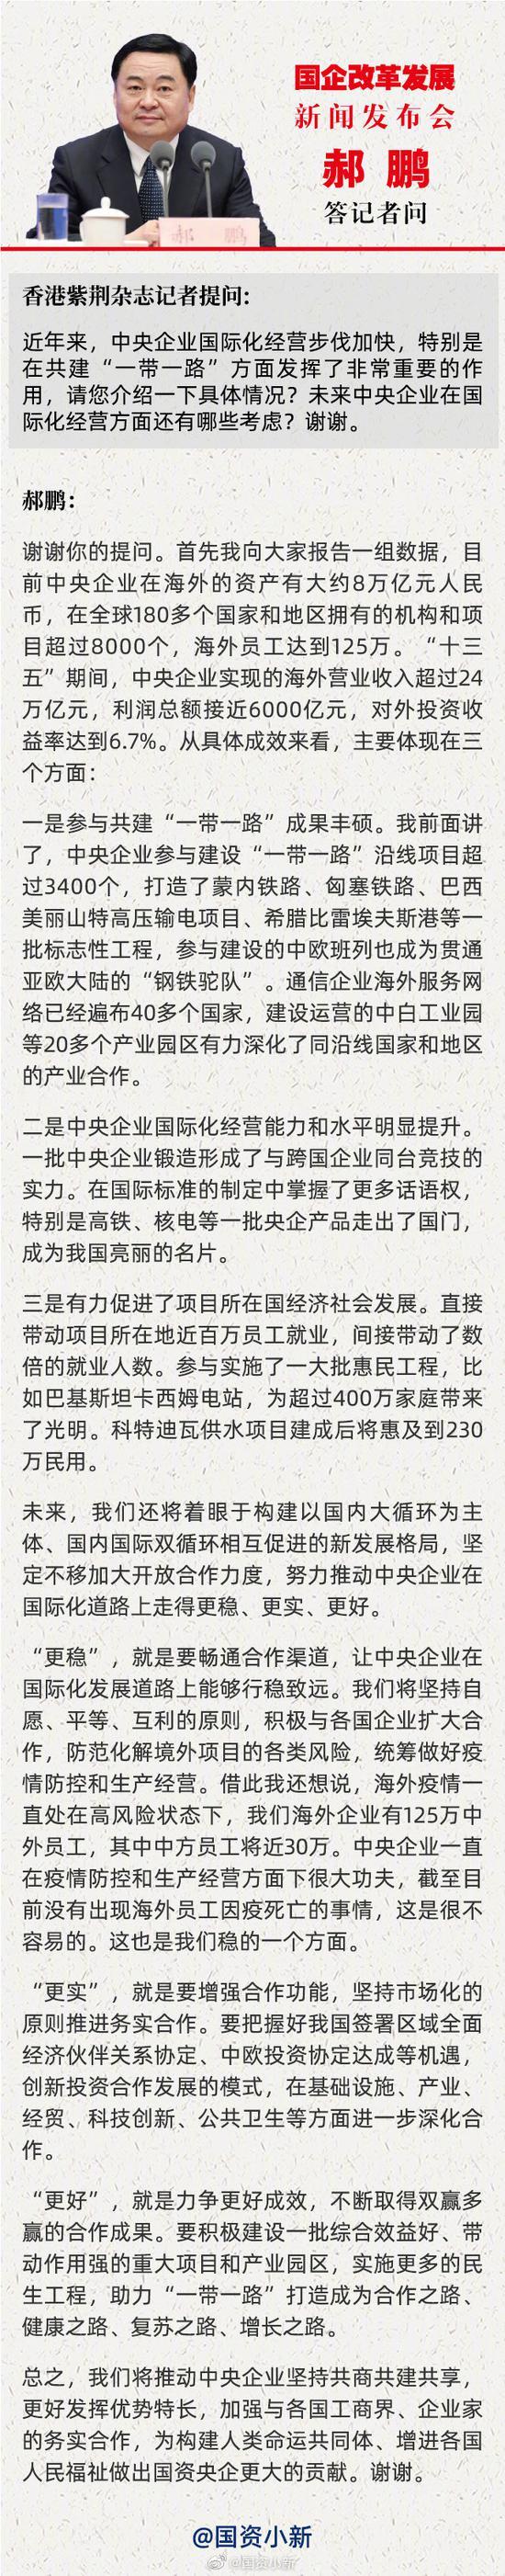 """郝鹏:央企在海外资产约8万亿元 """"十三五""""海外营收超24万亿"""